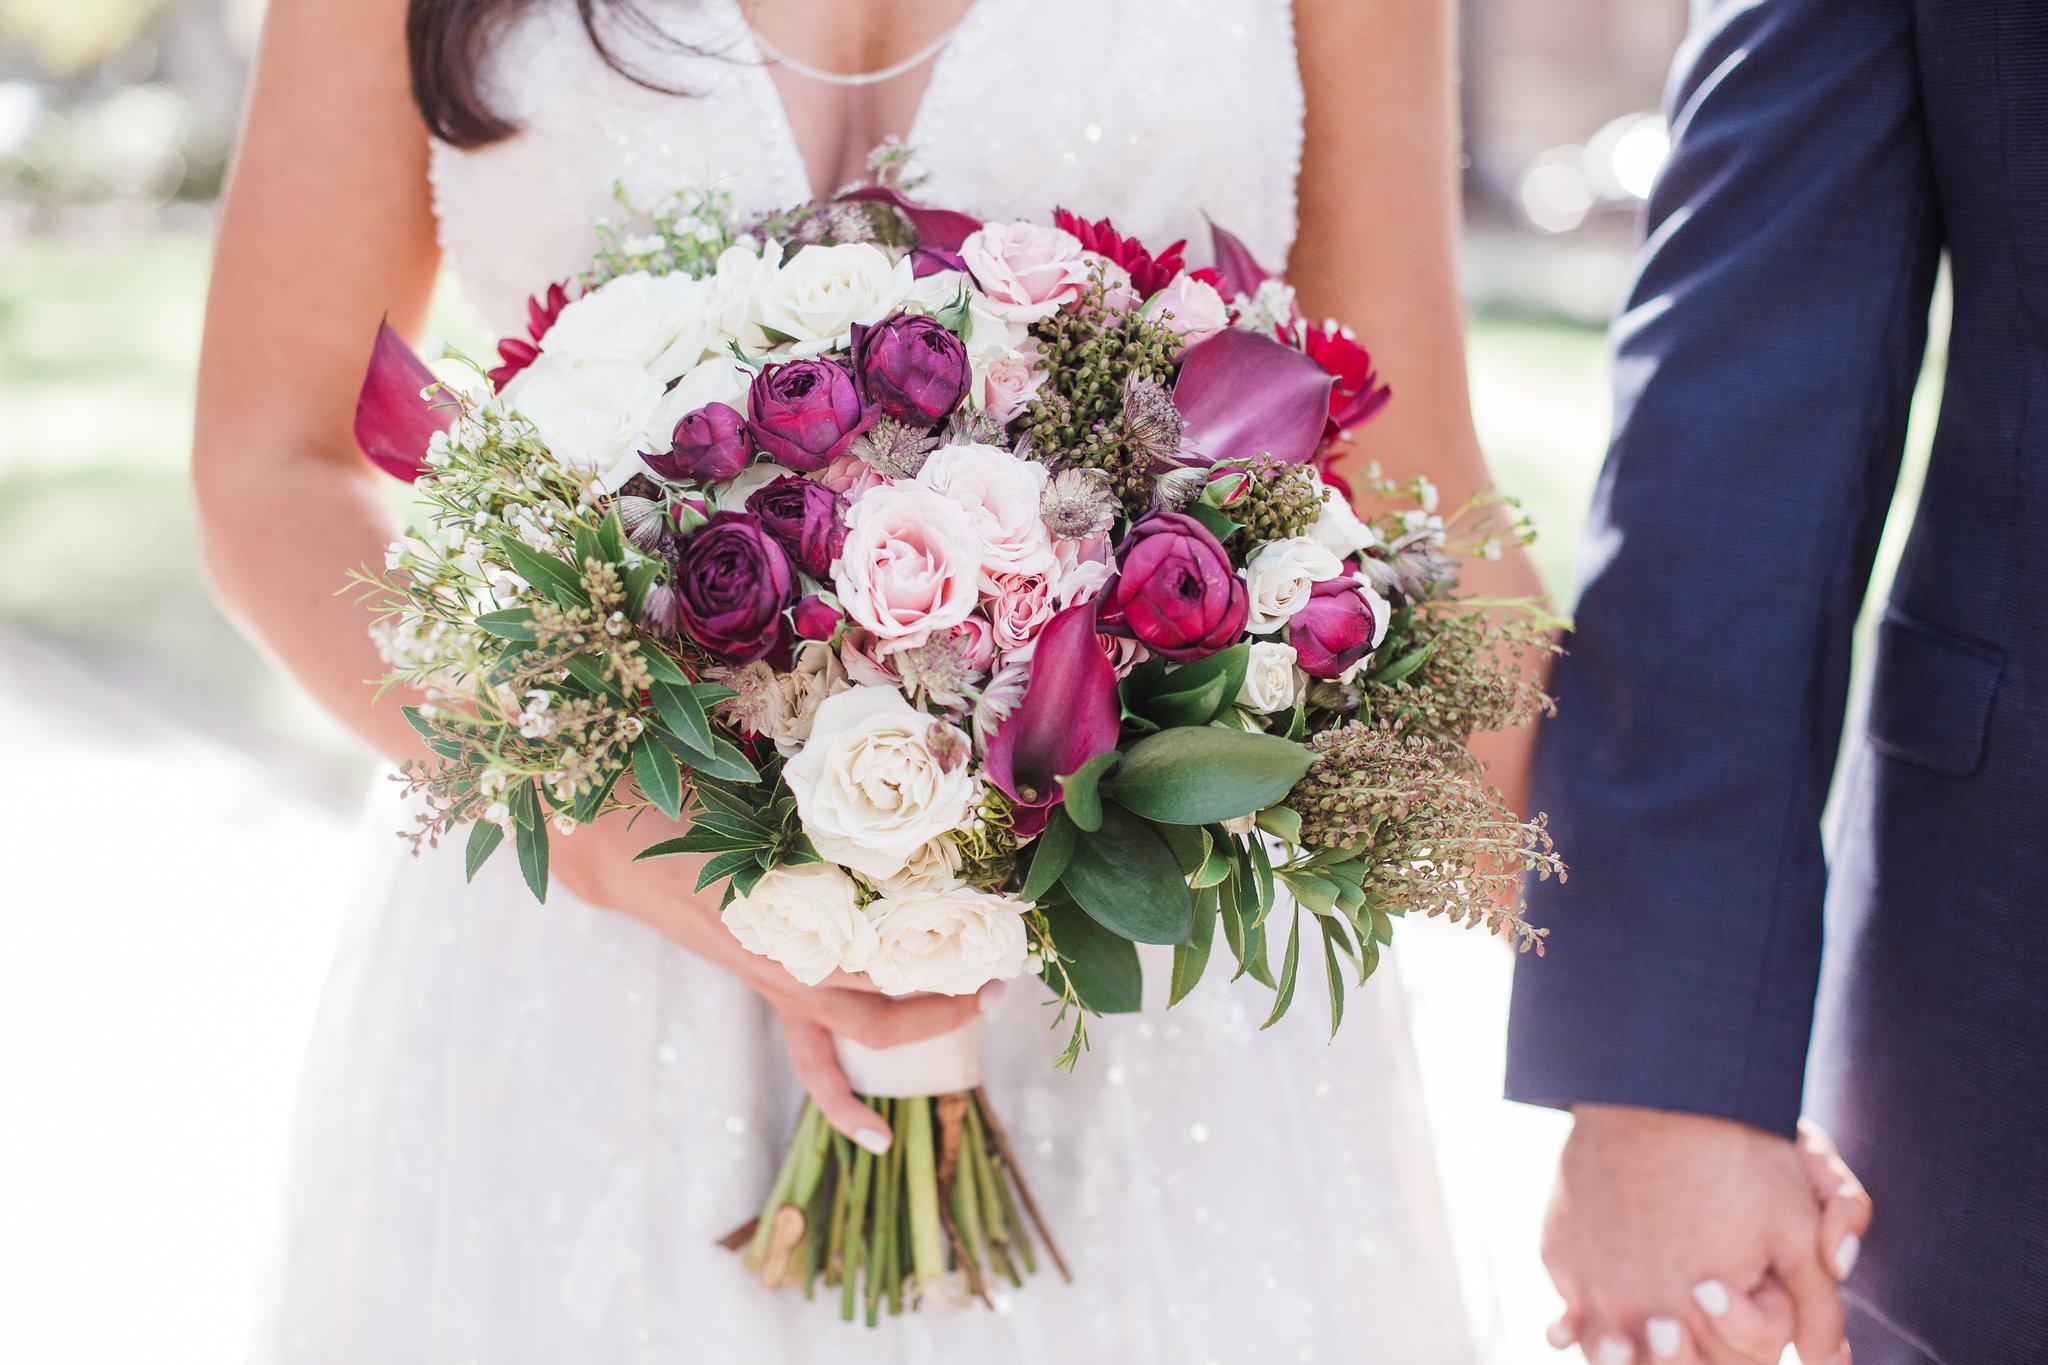 apt-b-photography-lindsey-shawn-Savannah-wedding-photographer-savannah-elopement-photographer-historic-savannah-elopement-savannah-weddings-hilton-head-wedding-photographer-jekyll-island-wedding-photographer-22.jpg